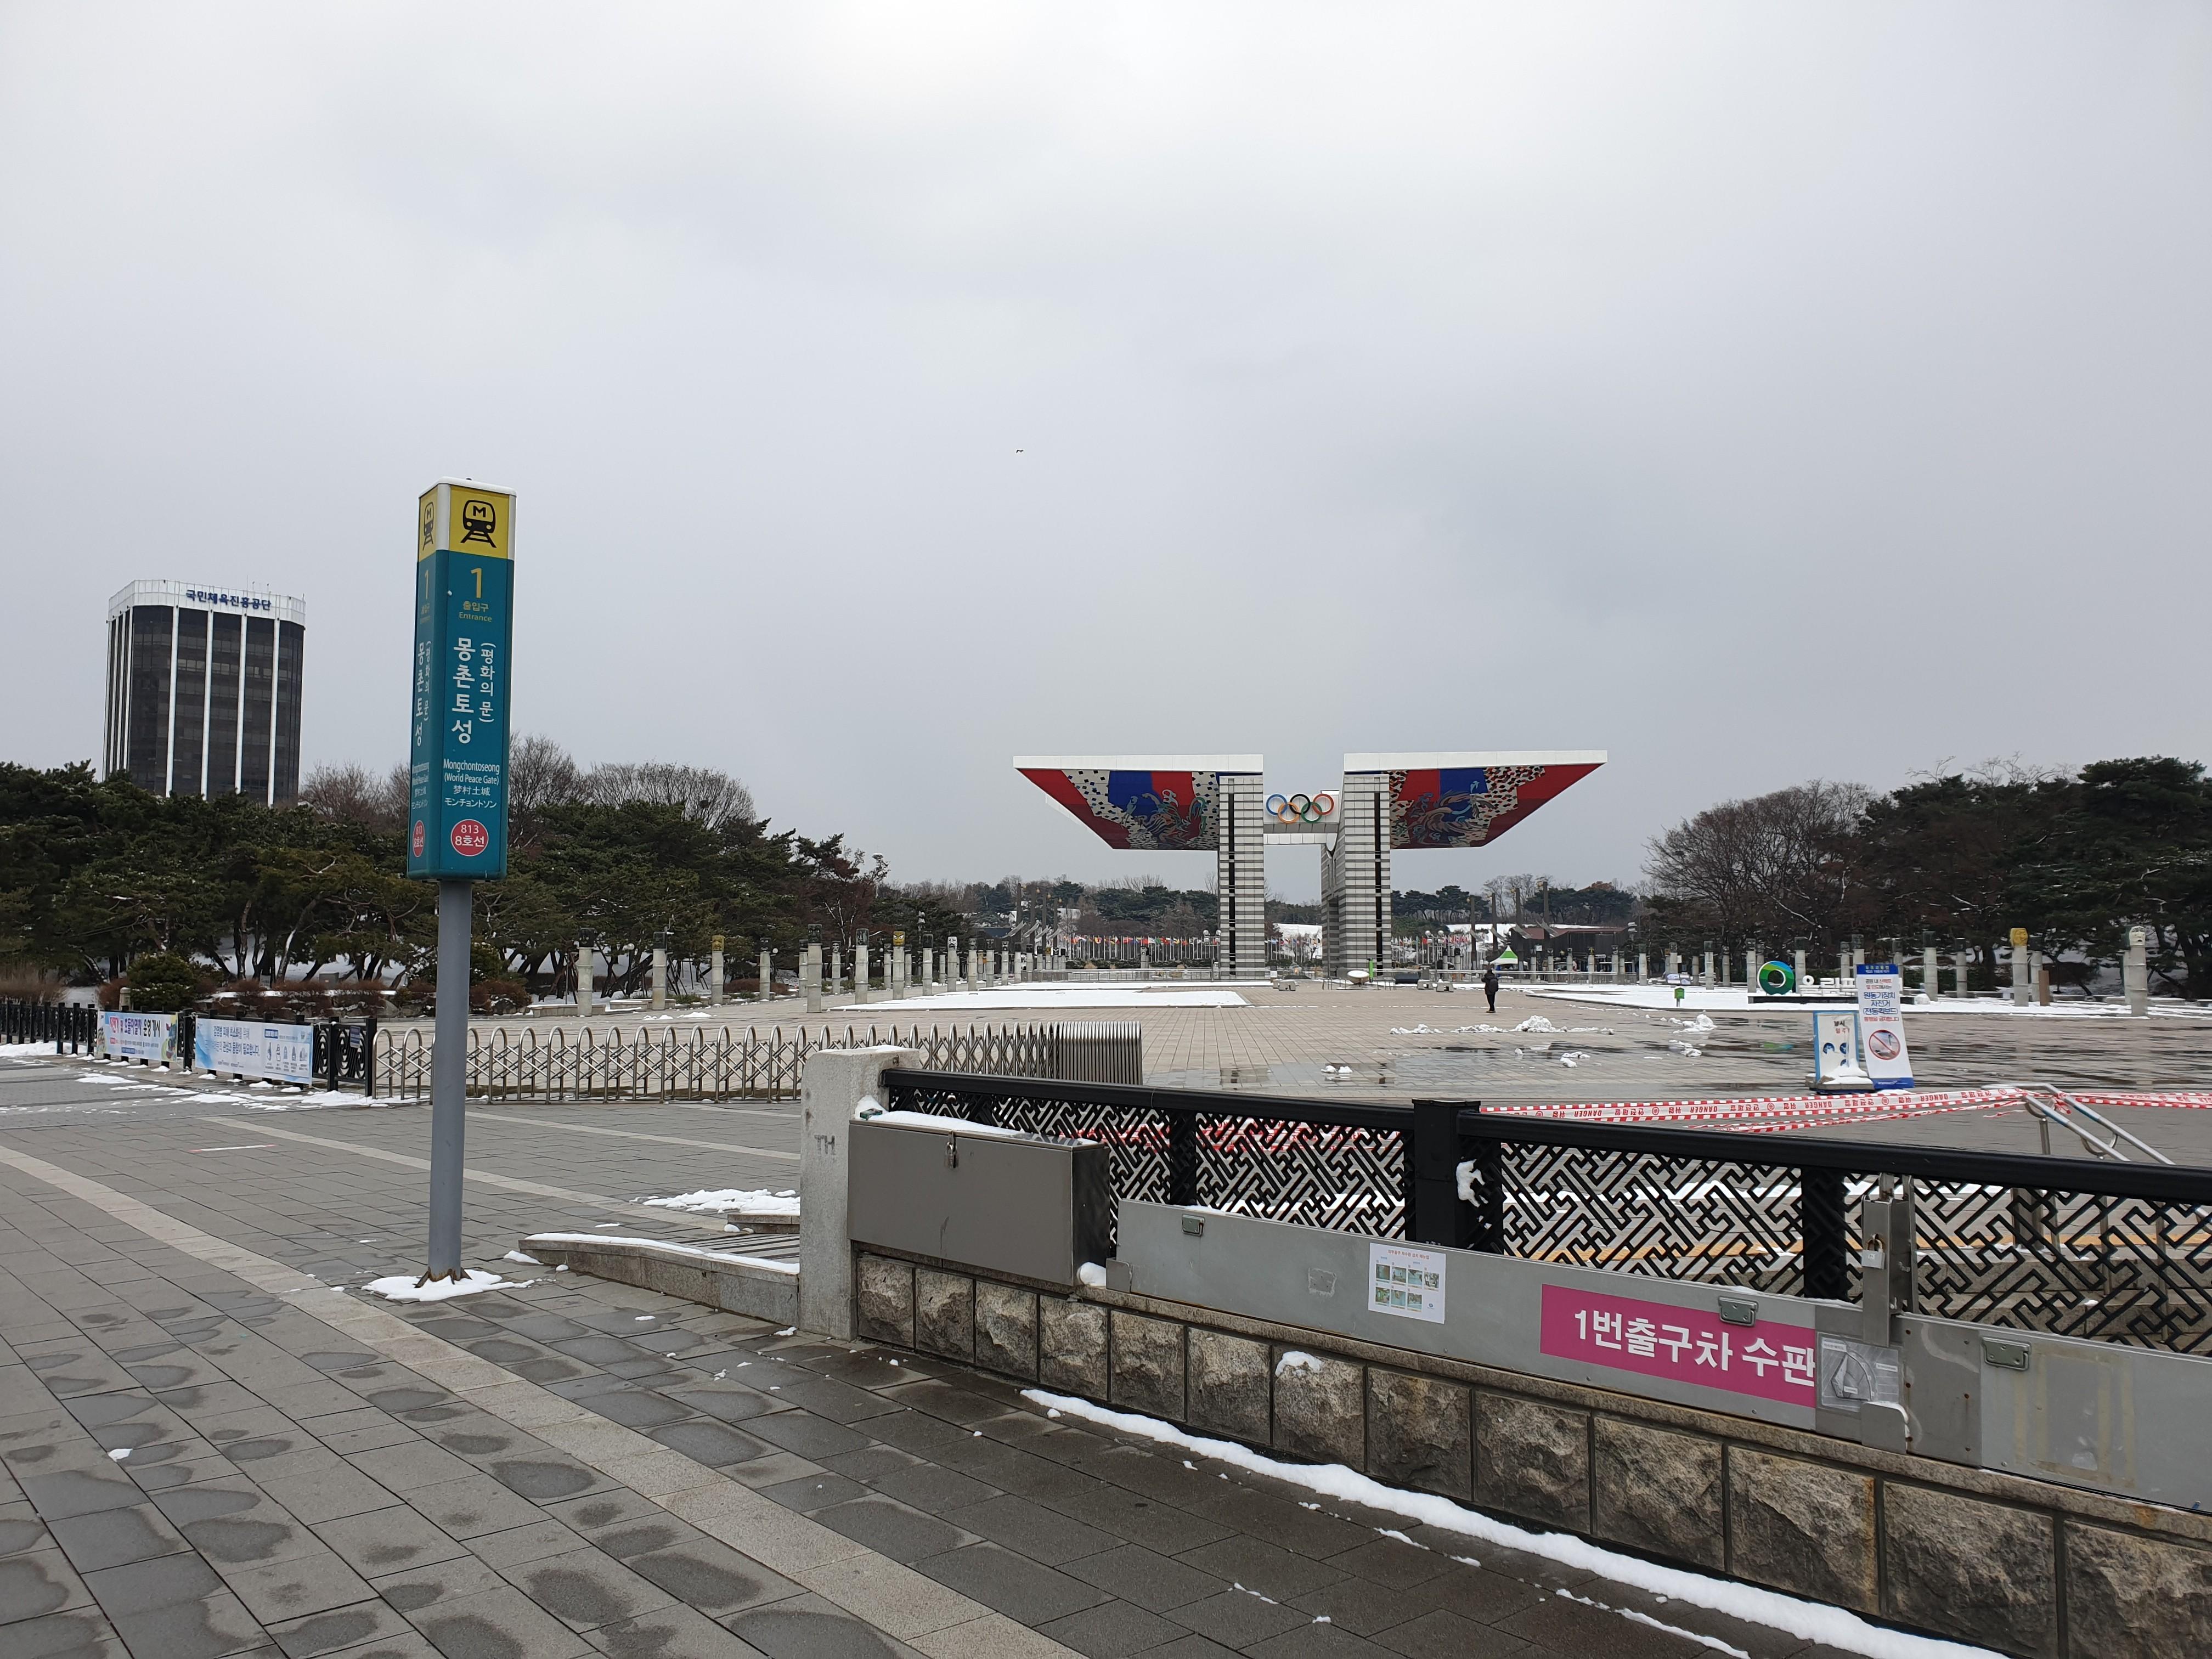 몽촌토성역 1번 출구 와 평화의 문